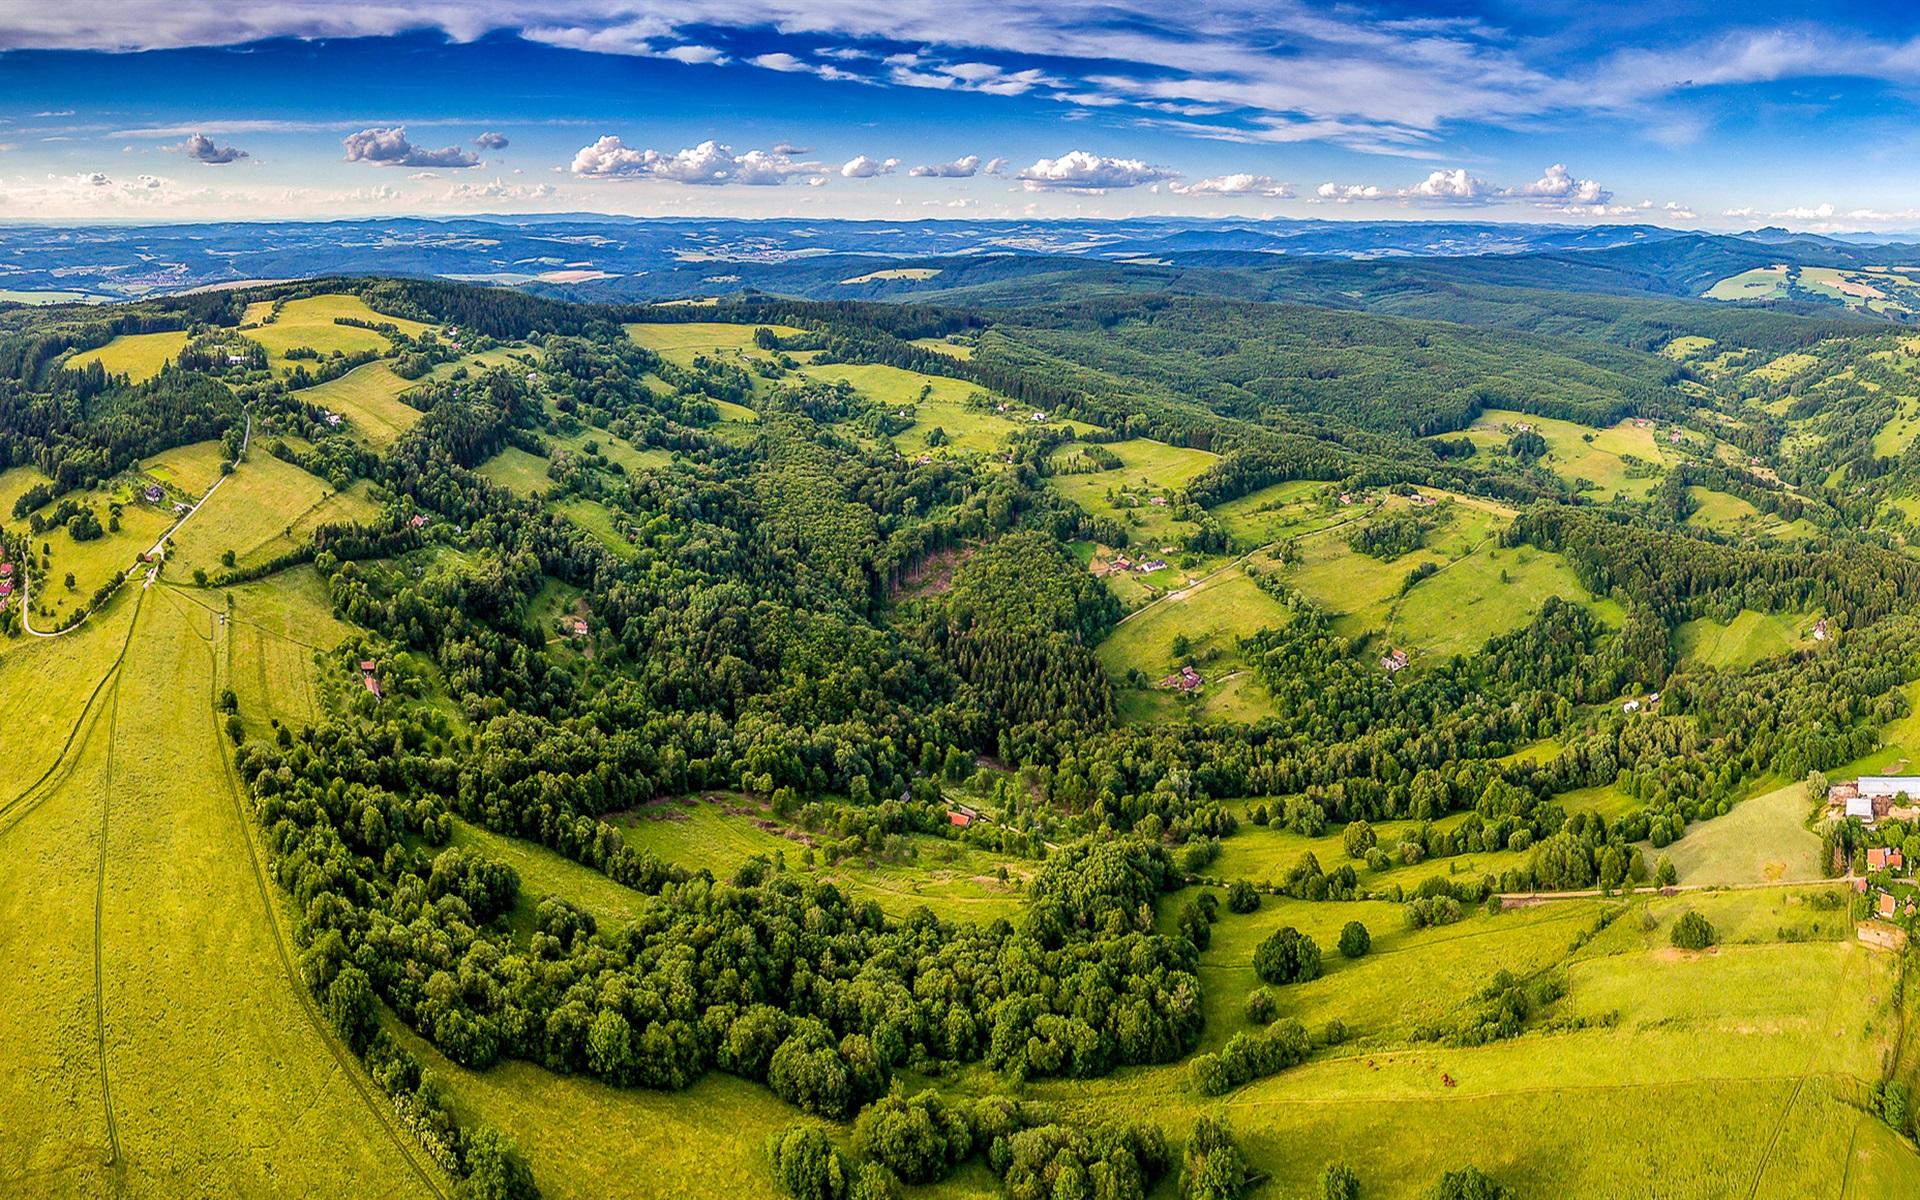 случаи, когда фото красивых пейзажей сверху чмоки щечку отлично